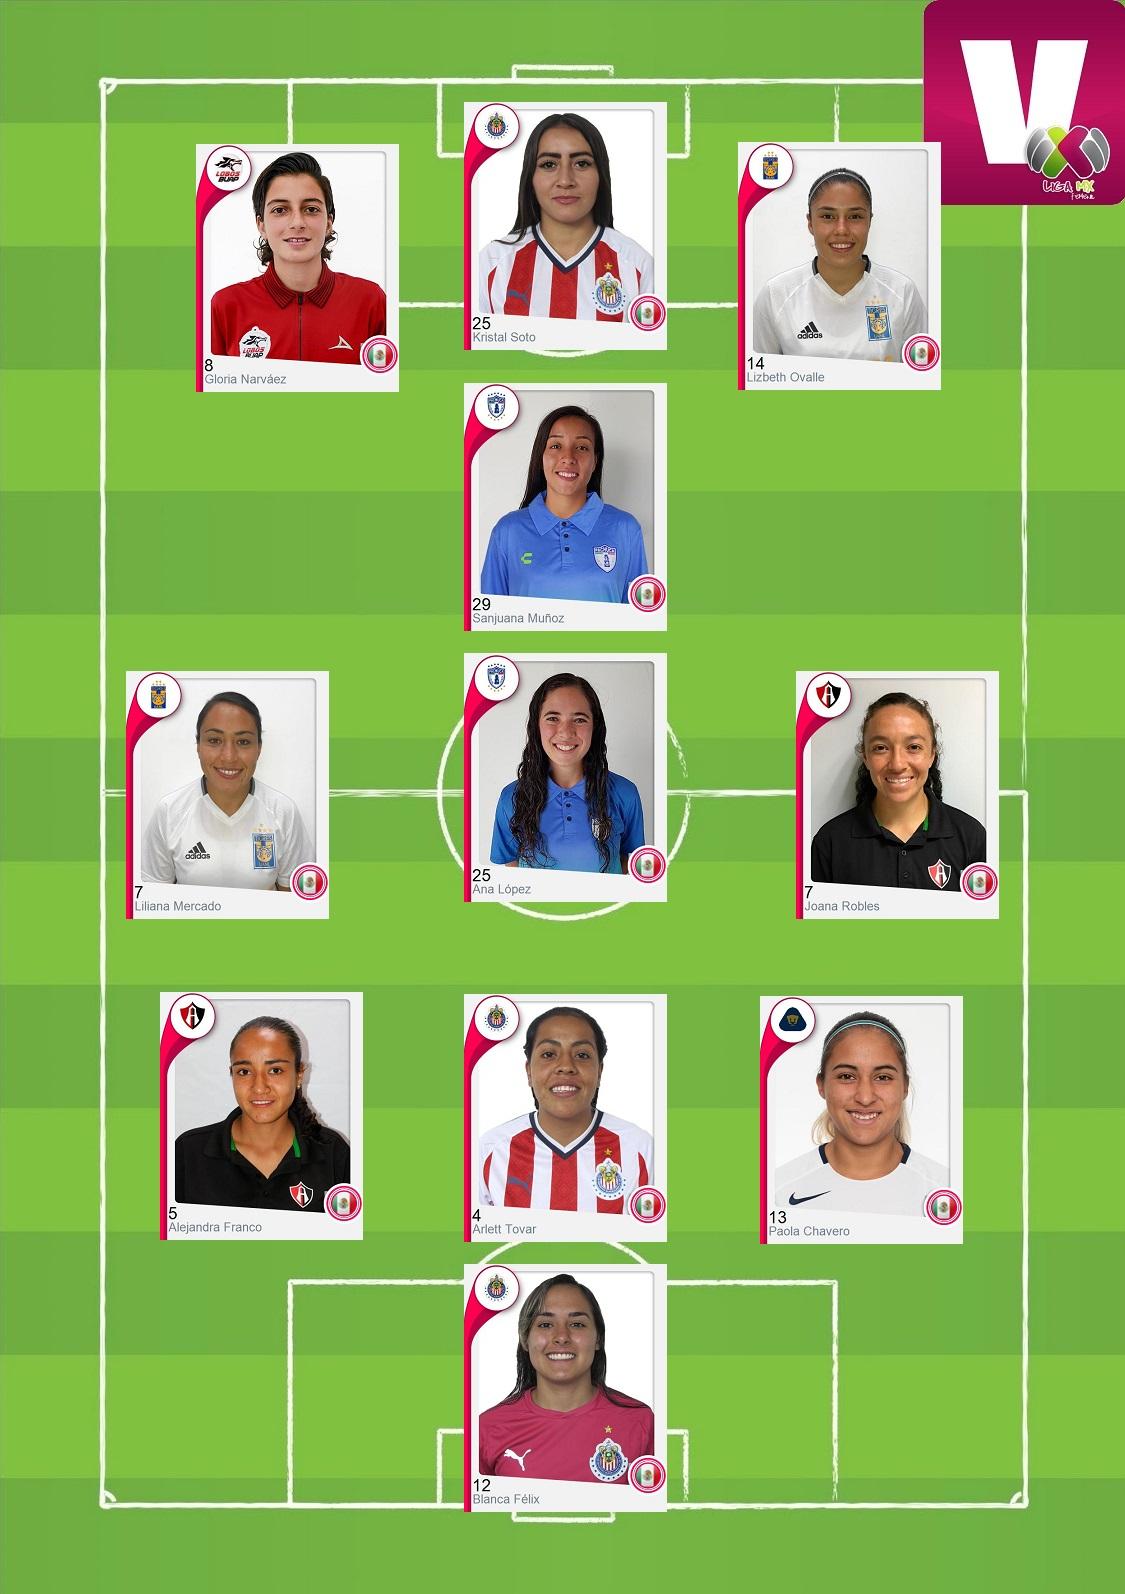 Equipo de la semana en la jornada 1 de la Liga MX Femenil